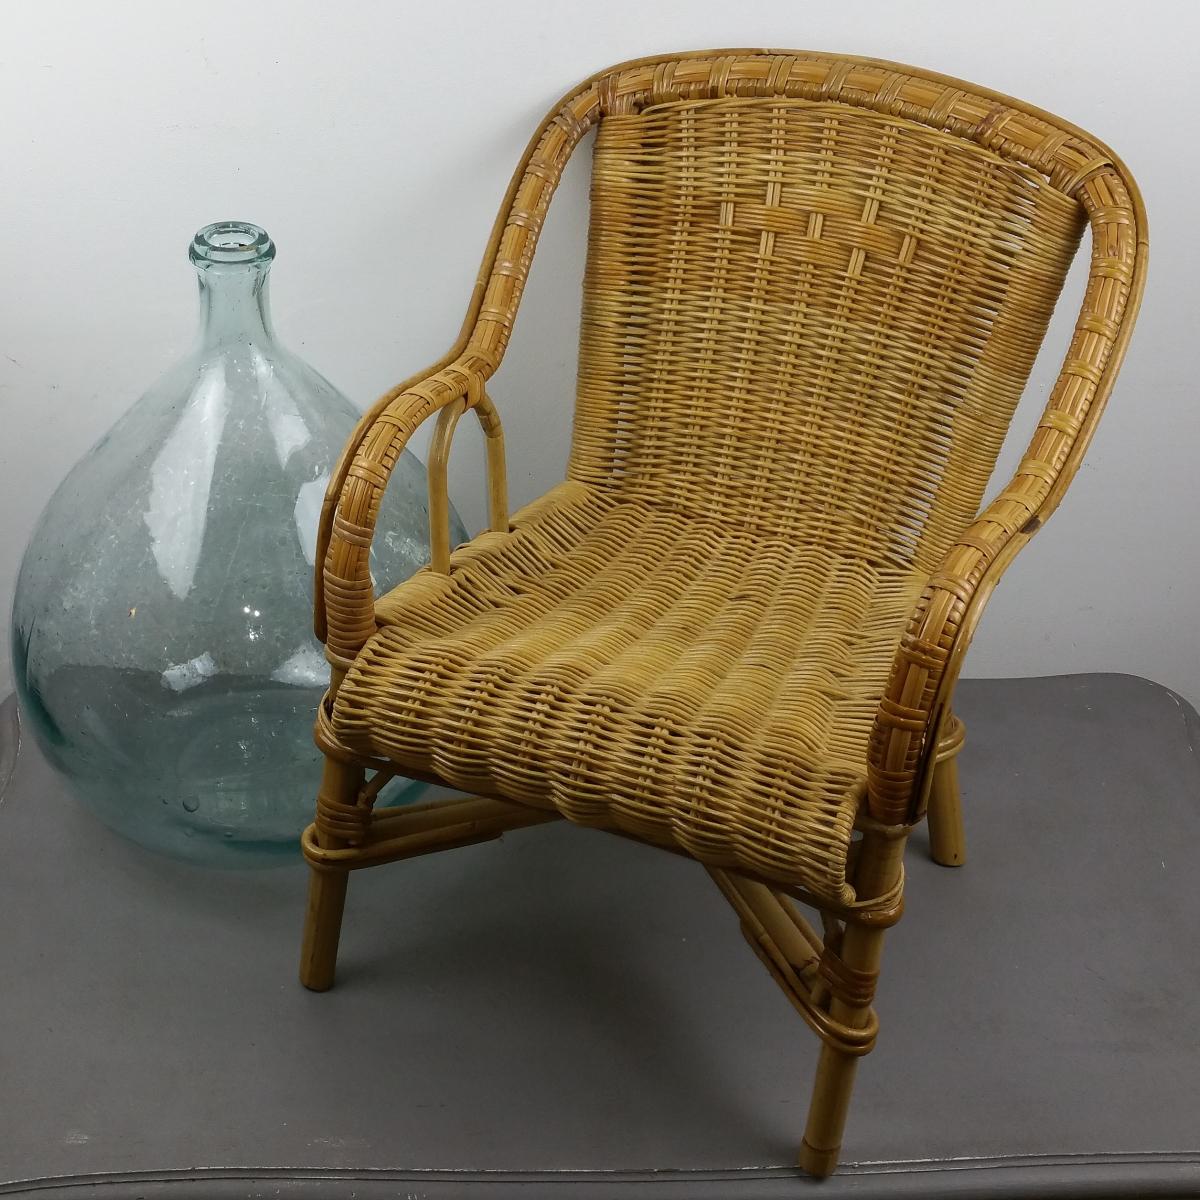 fauteuil en rotin et osier tress pour enfant luckyfind. Black Bedroom Furniture Sets. Home Design Ideas